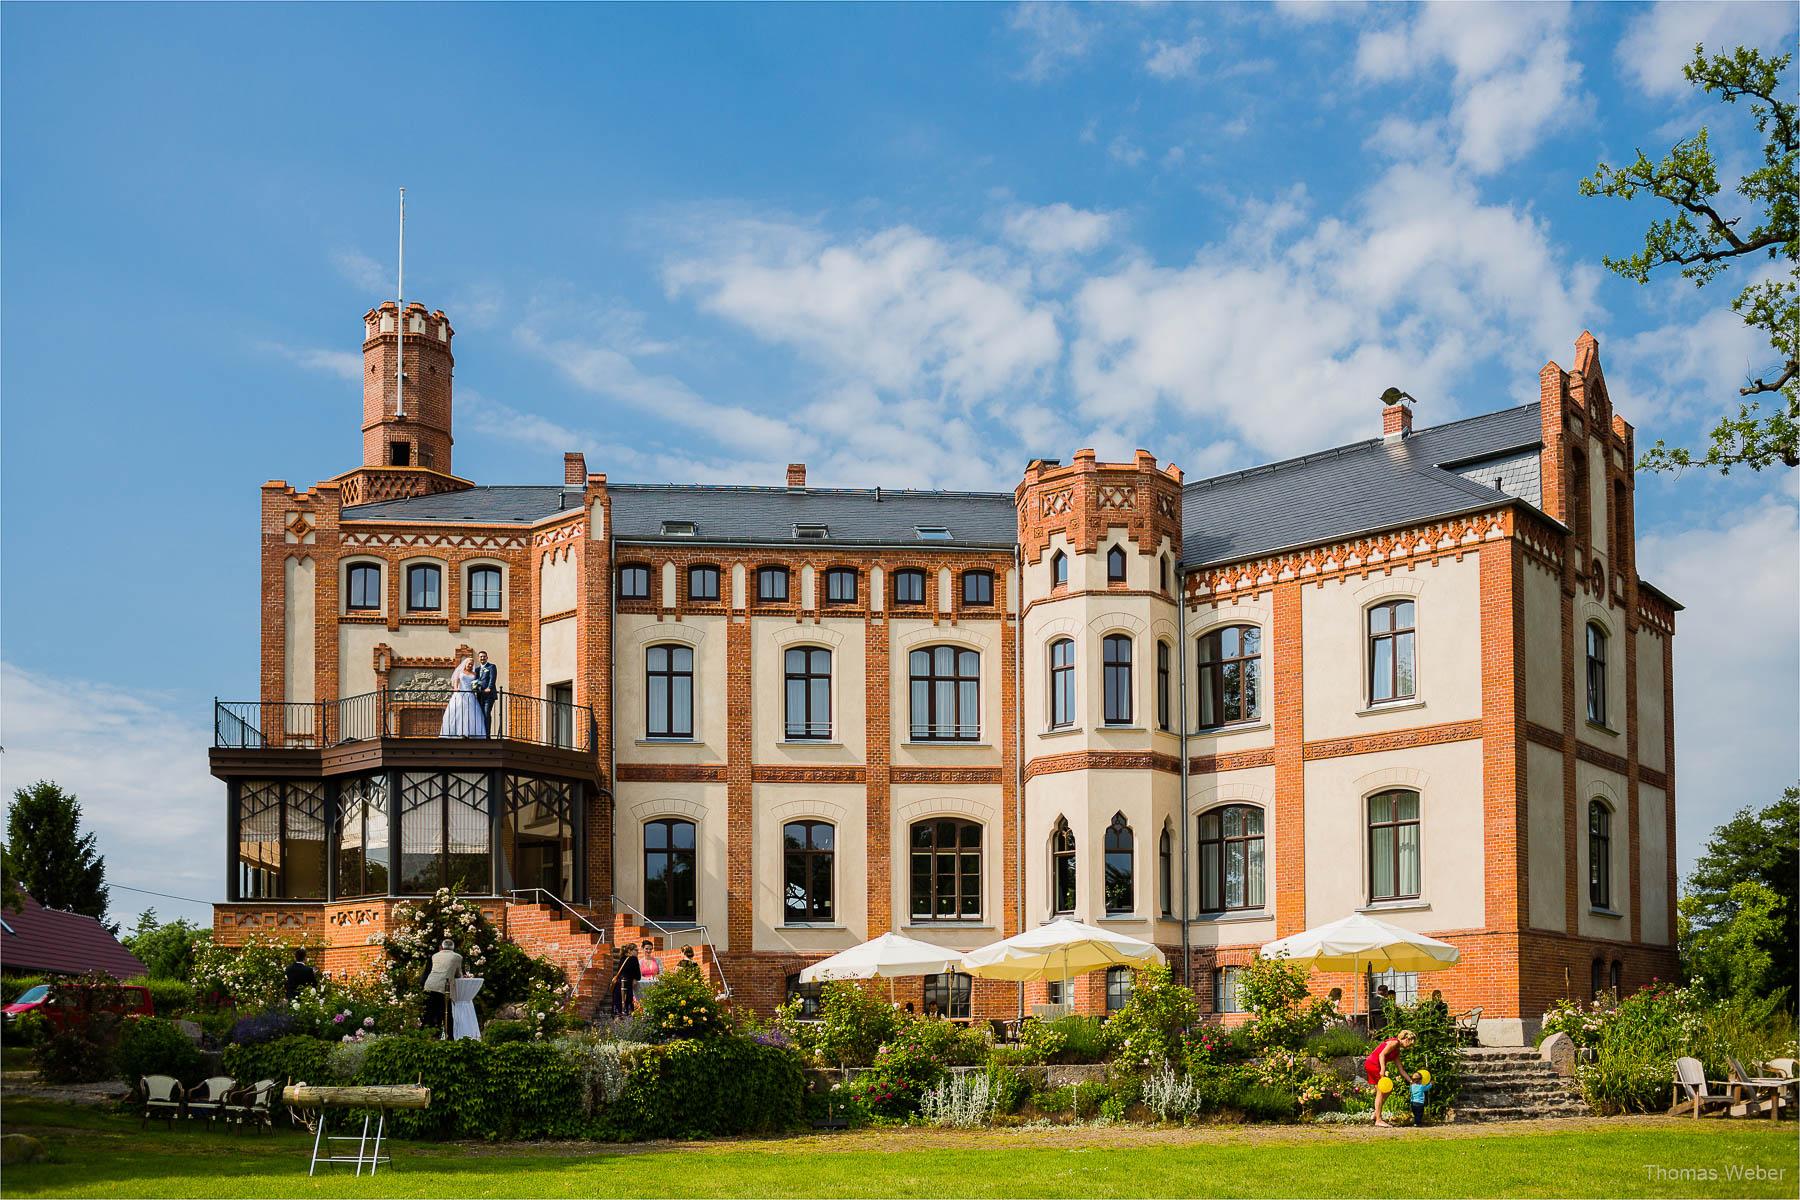 Hochzeitsfotograf bei einer Hochzeit auf Schloss Gamehl an der Ostsee: Hochzeitstorte und Hochzeitsfotos